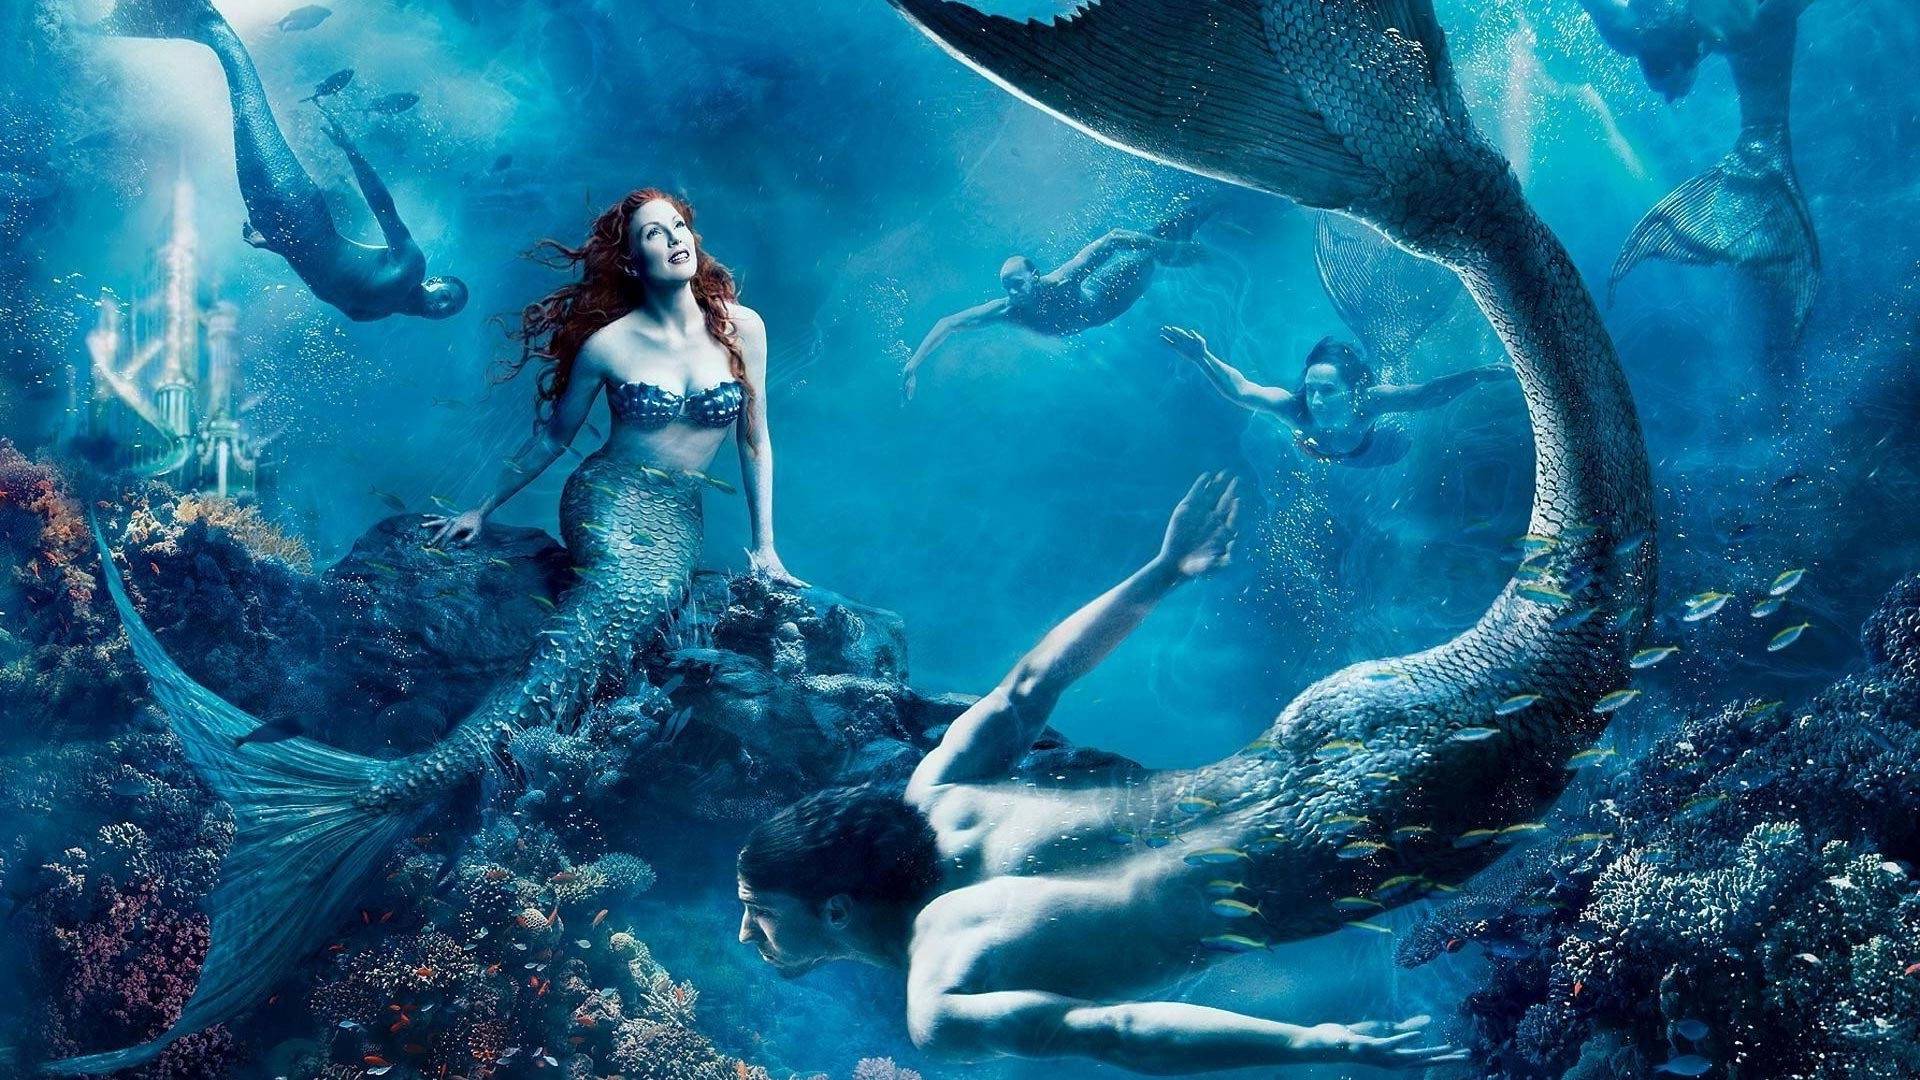 fantasy fantasy art mermaids wallpaper 1920x1080